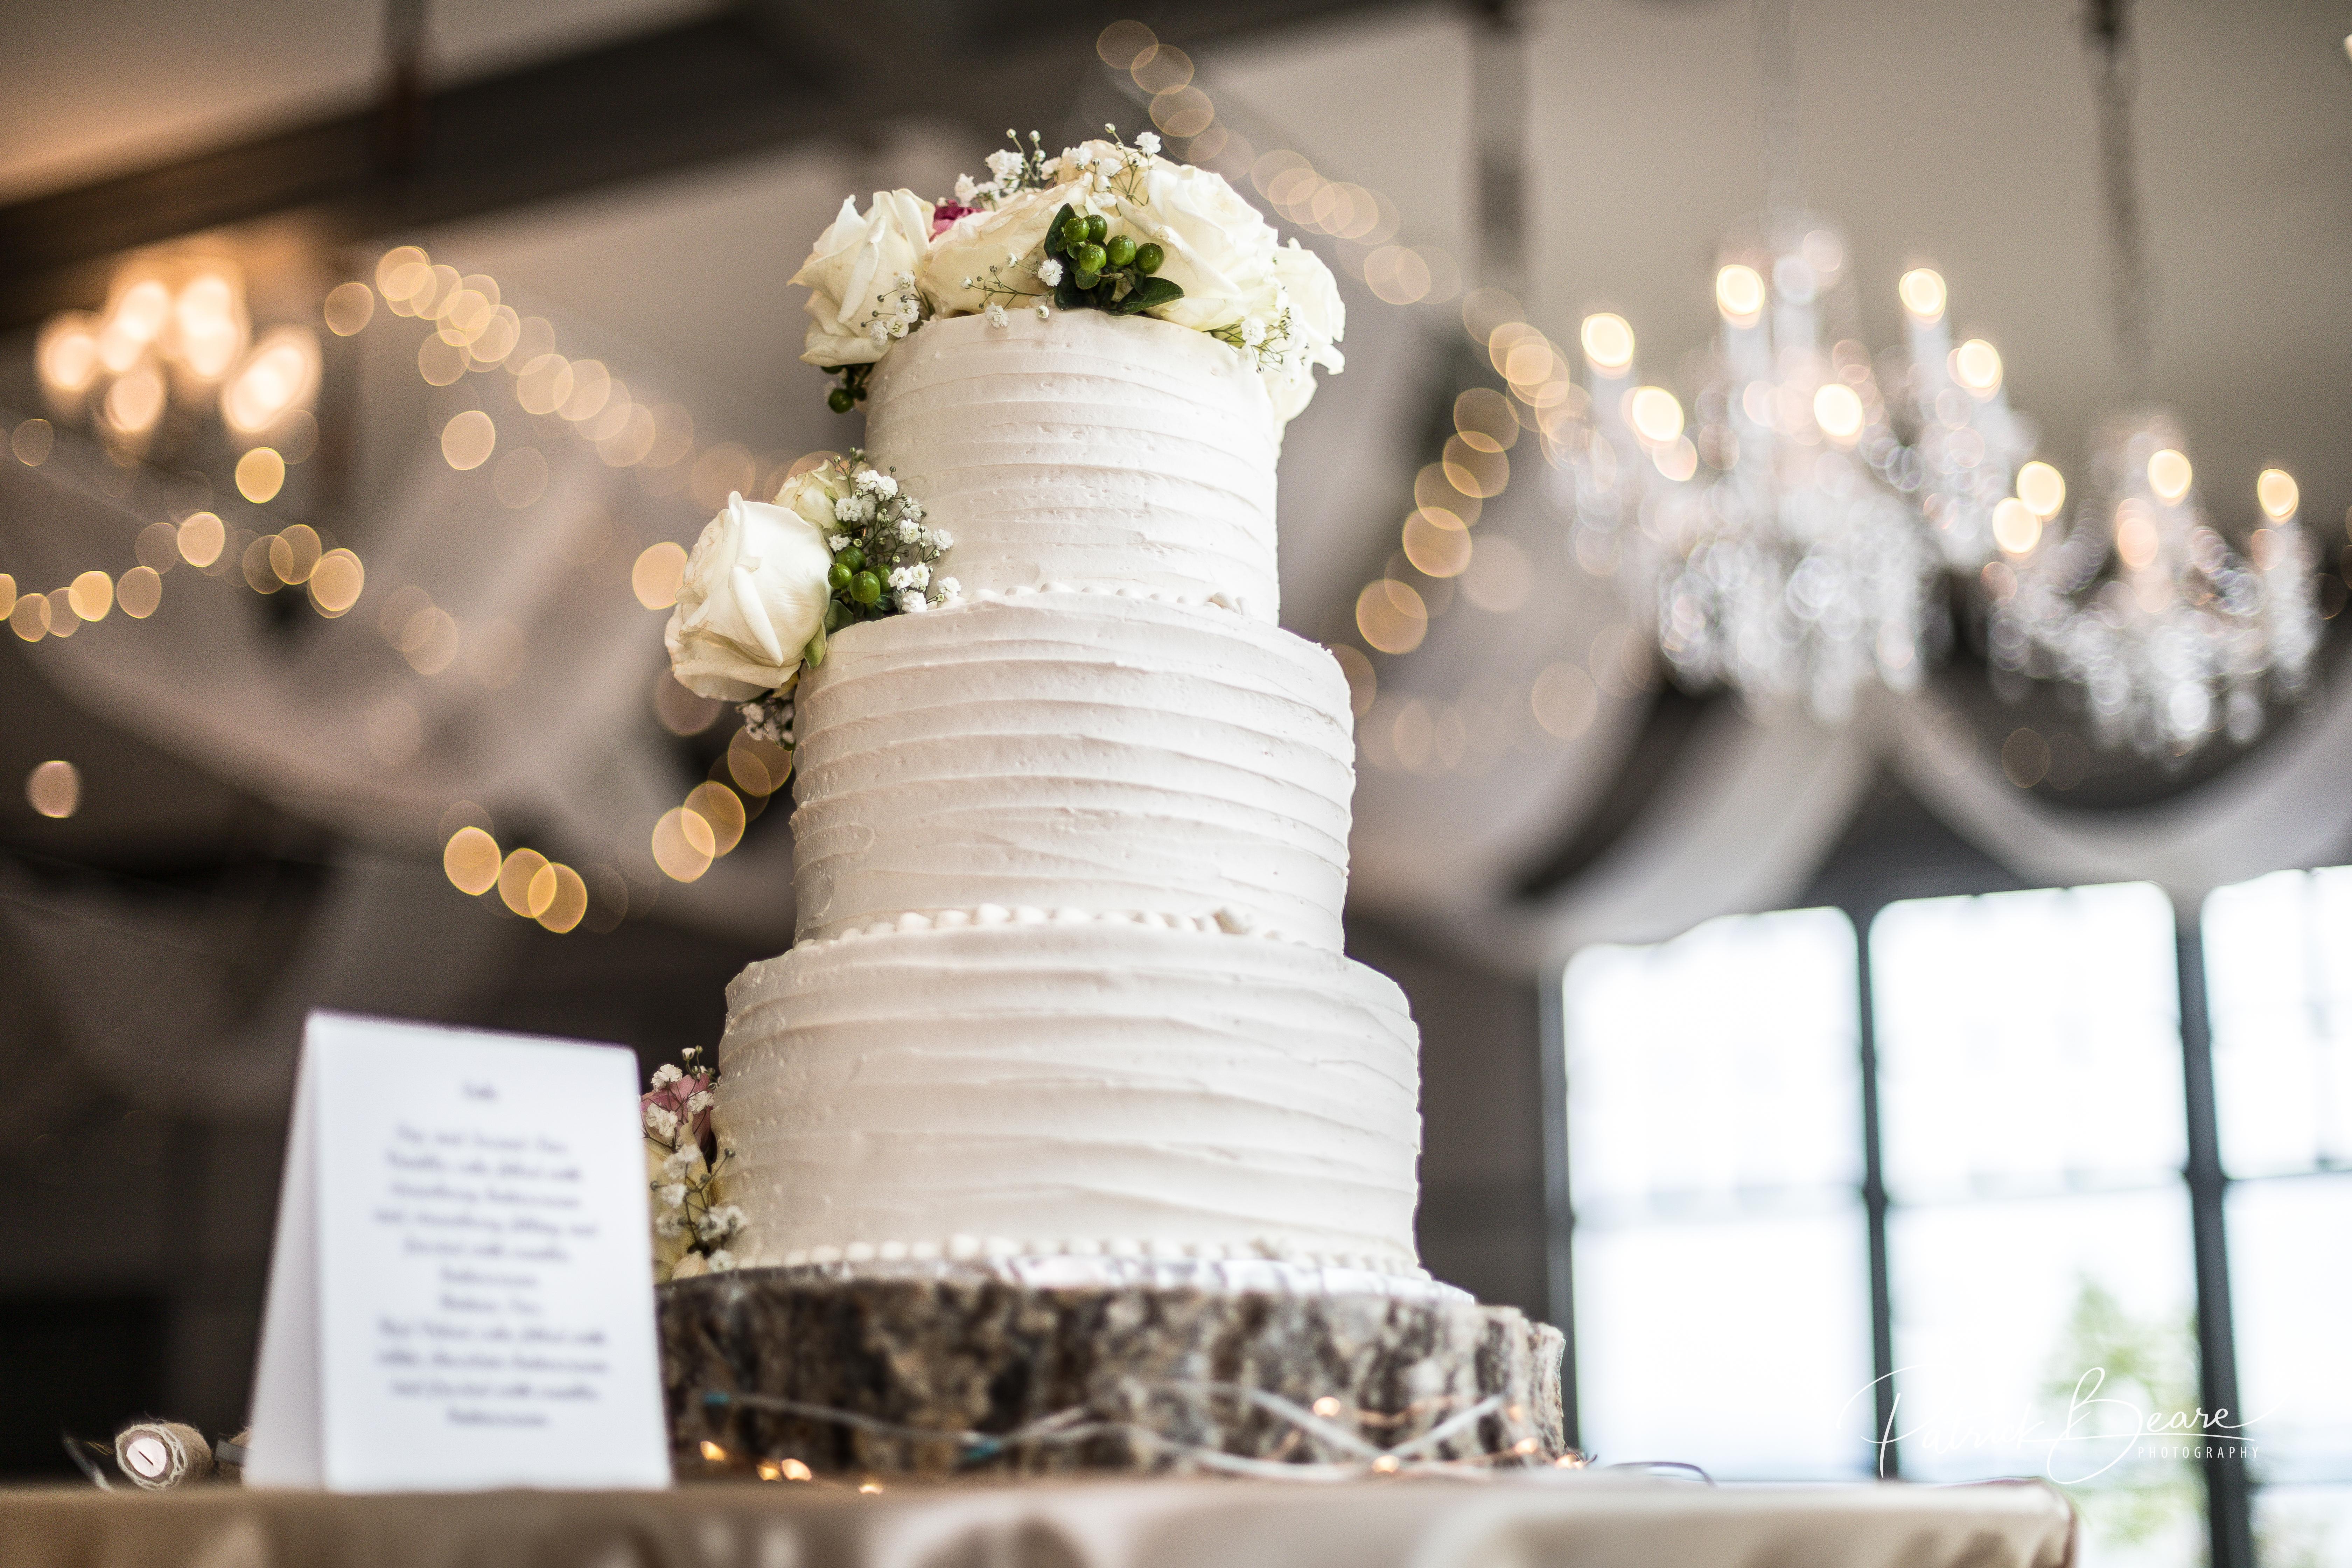 Albuquerque Noah's Event Center Wedding Cake